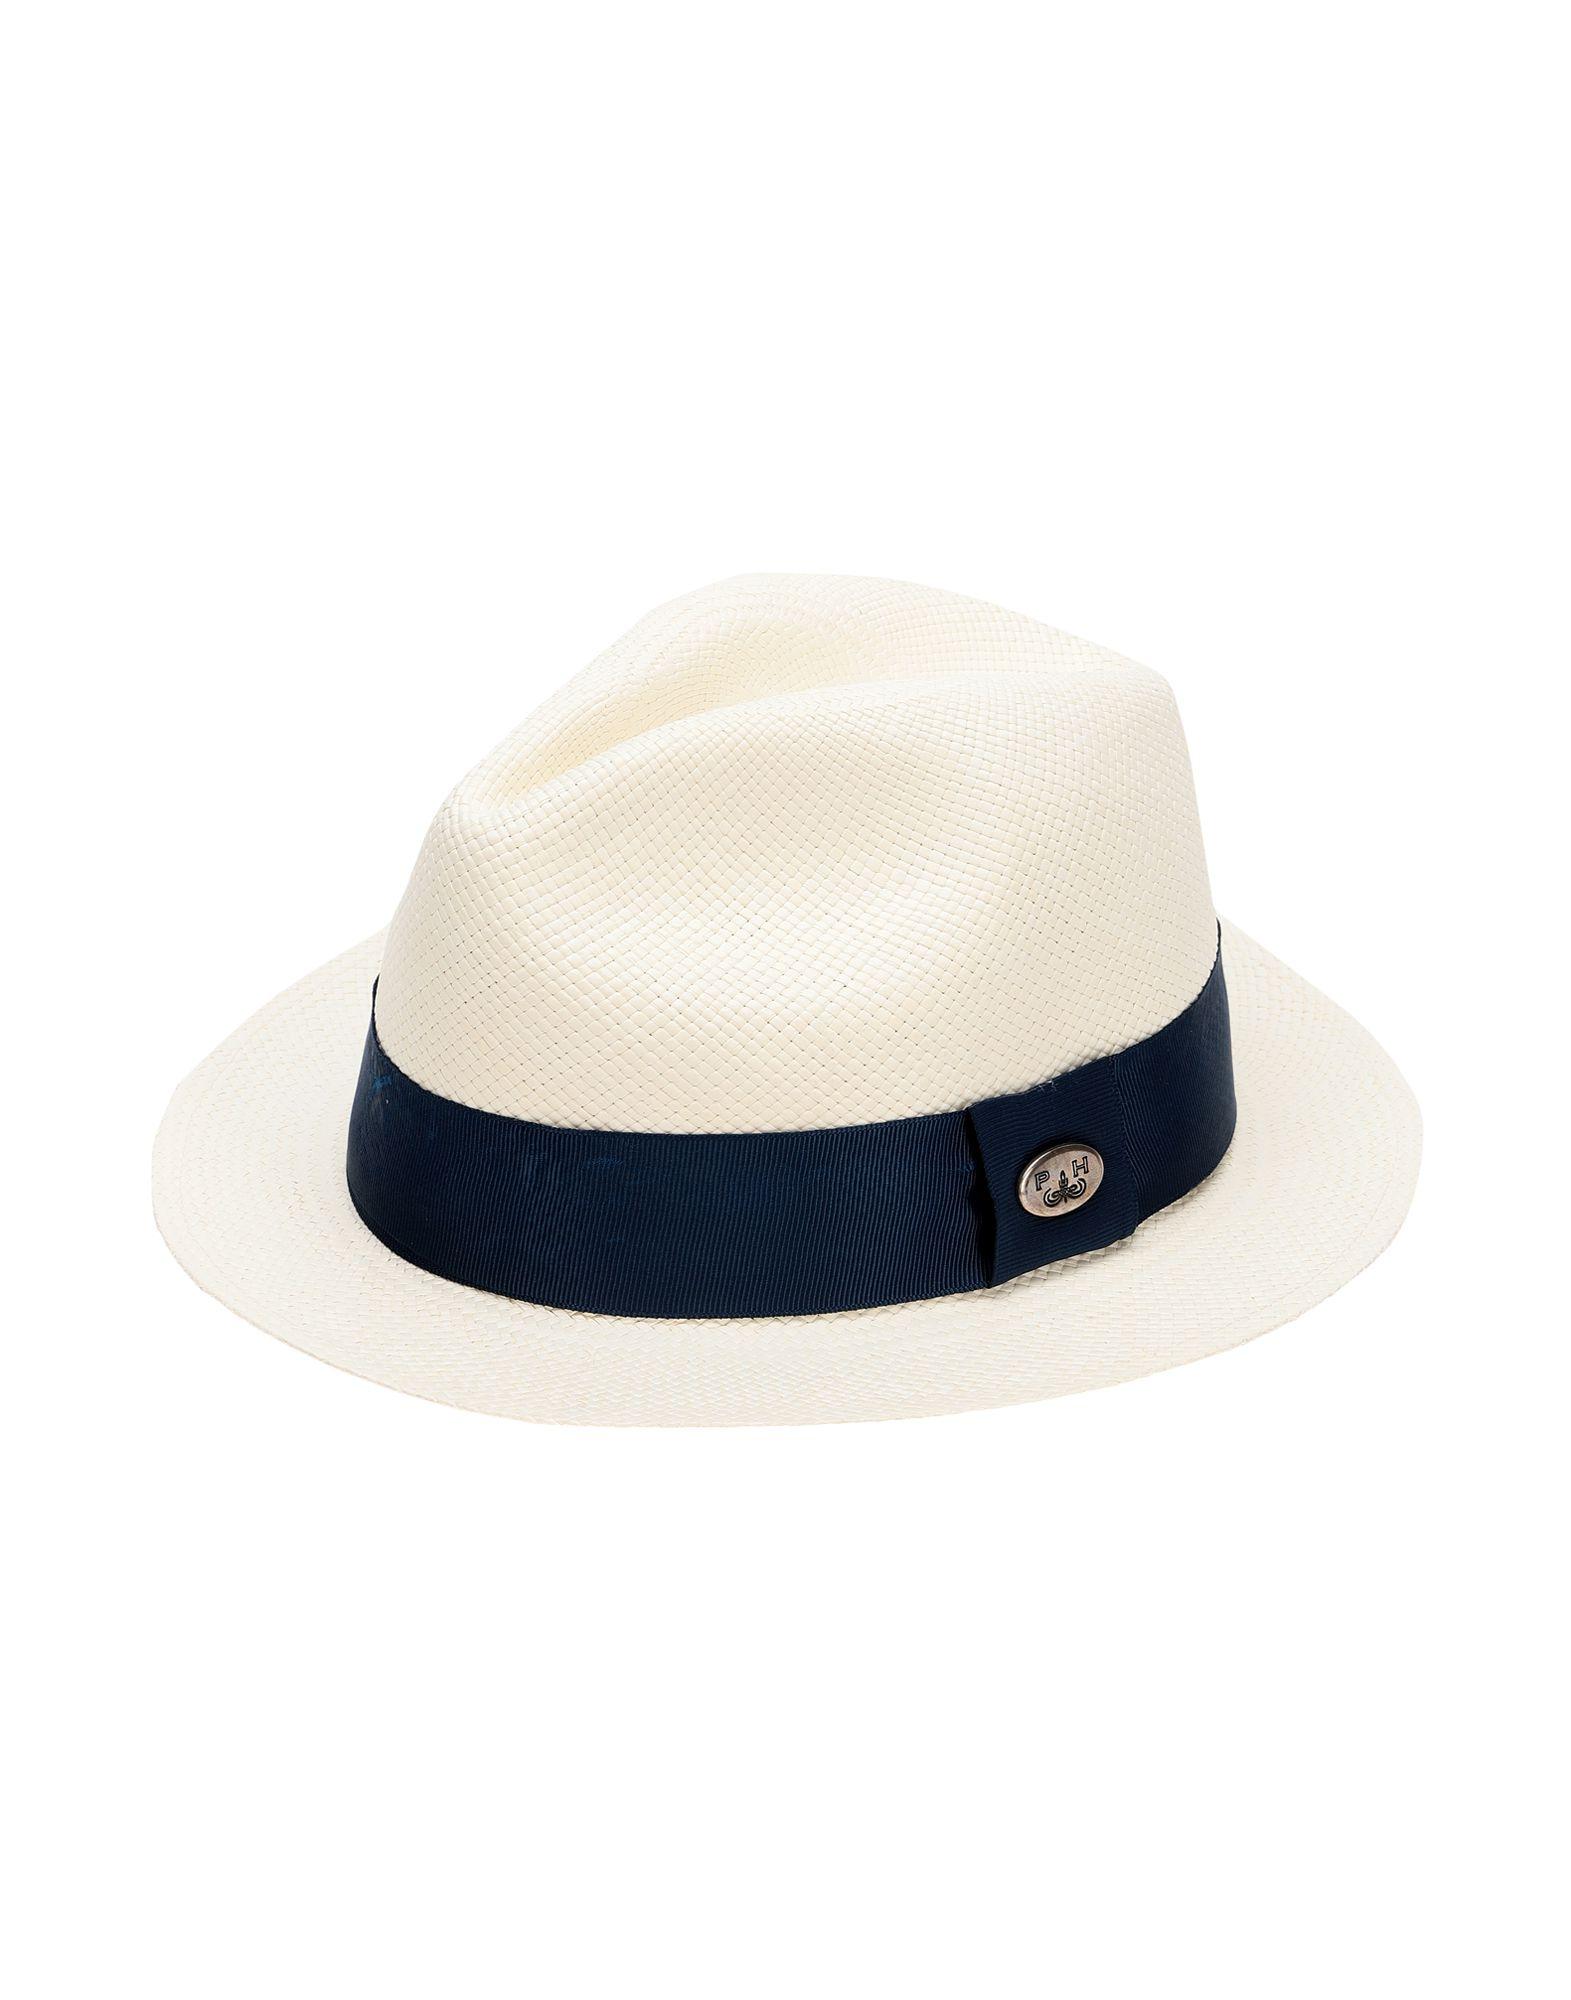 《セール開催中》PANAMA HATTERS Unisex 帽子 ホワイト L ストロー 100% MIAMI BEACH WHITE NIGHT BLUE +TRAVEL BAG